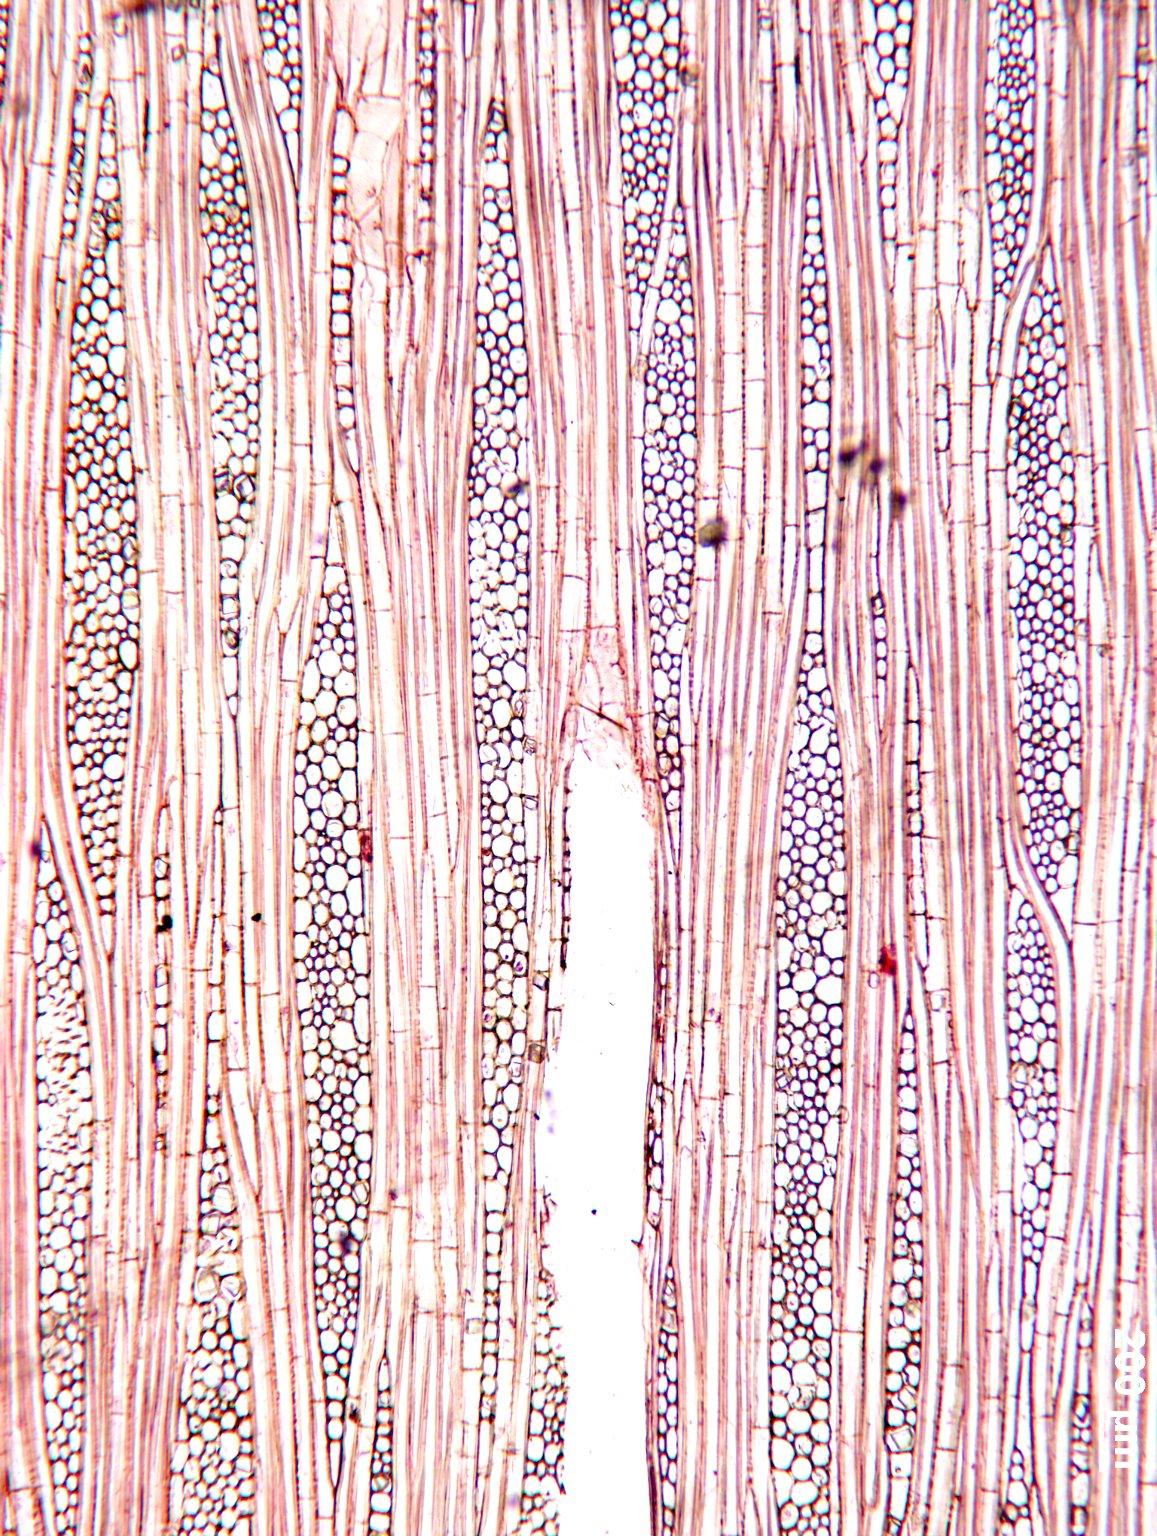 MALVACEAE TILIOIDEAE Mortoniodendron anisophyllum